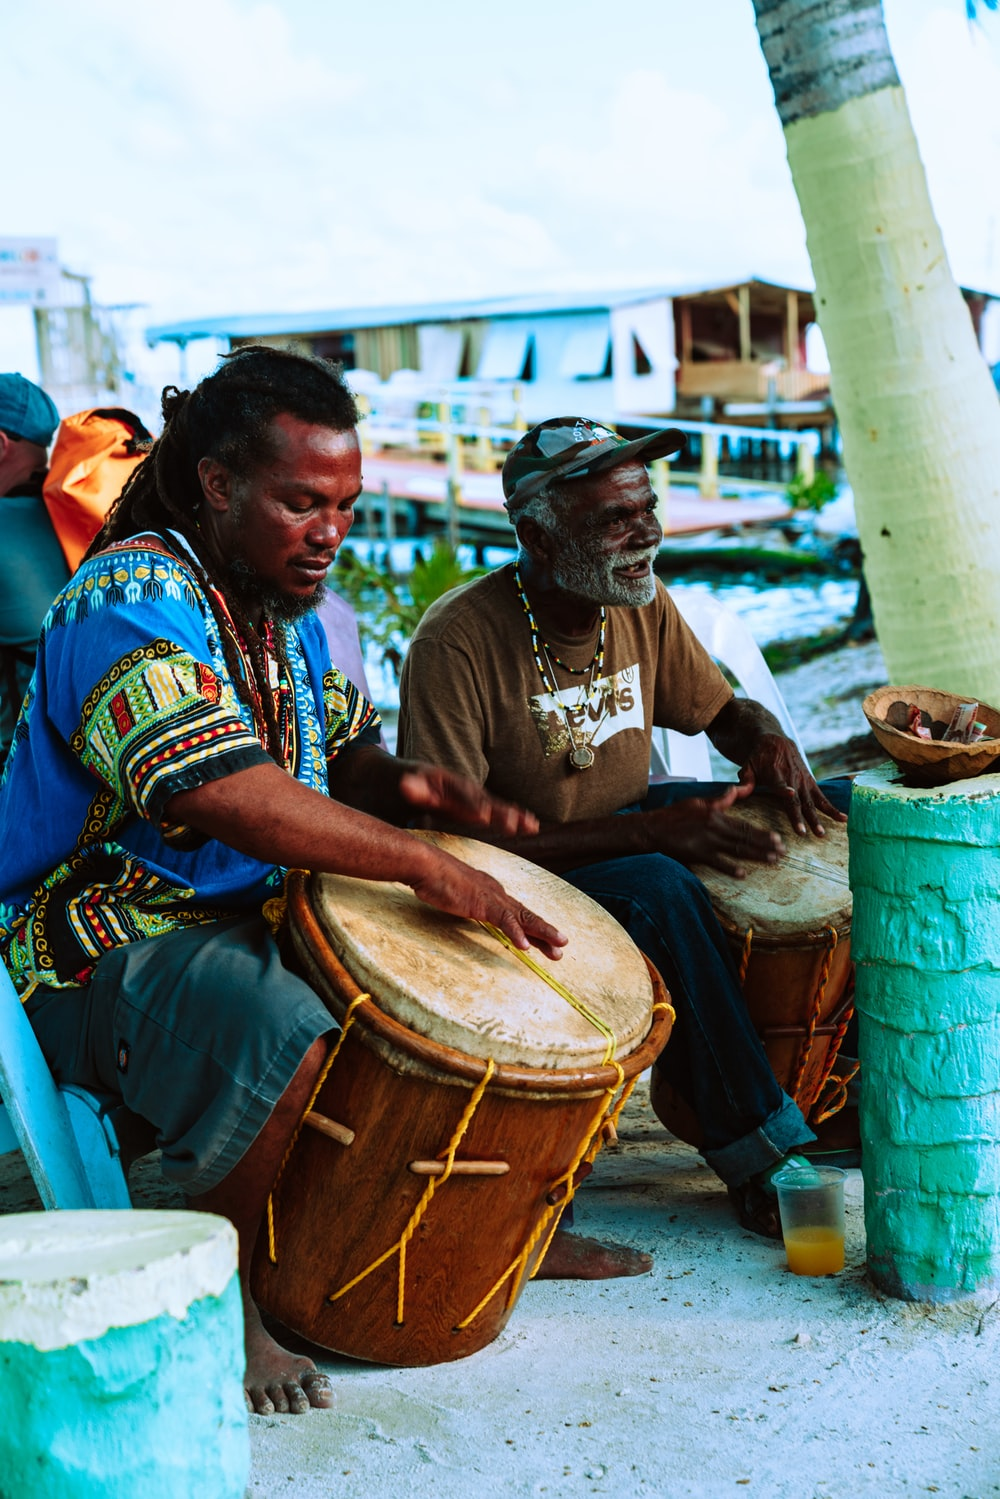 man in brown shirt playing drum